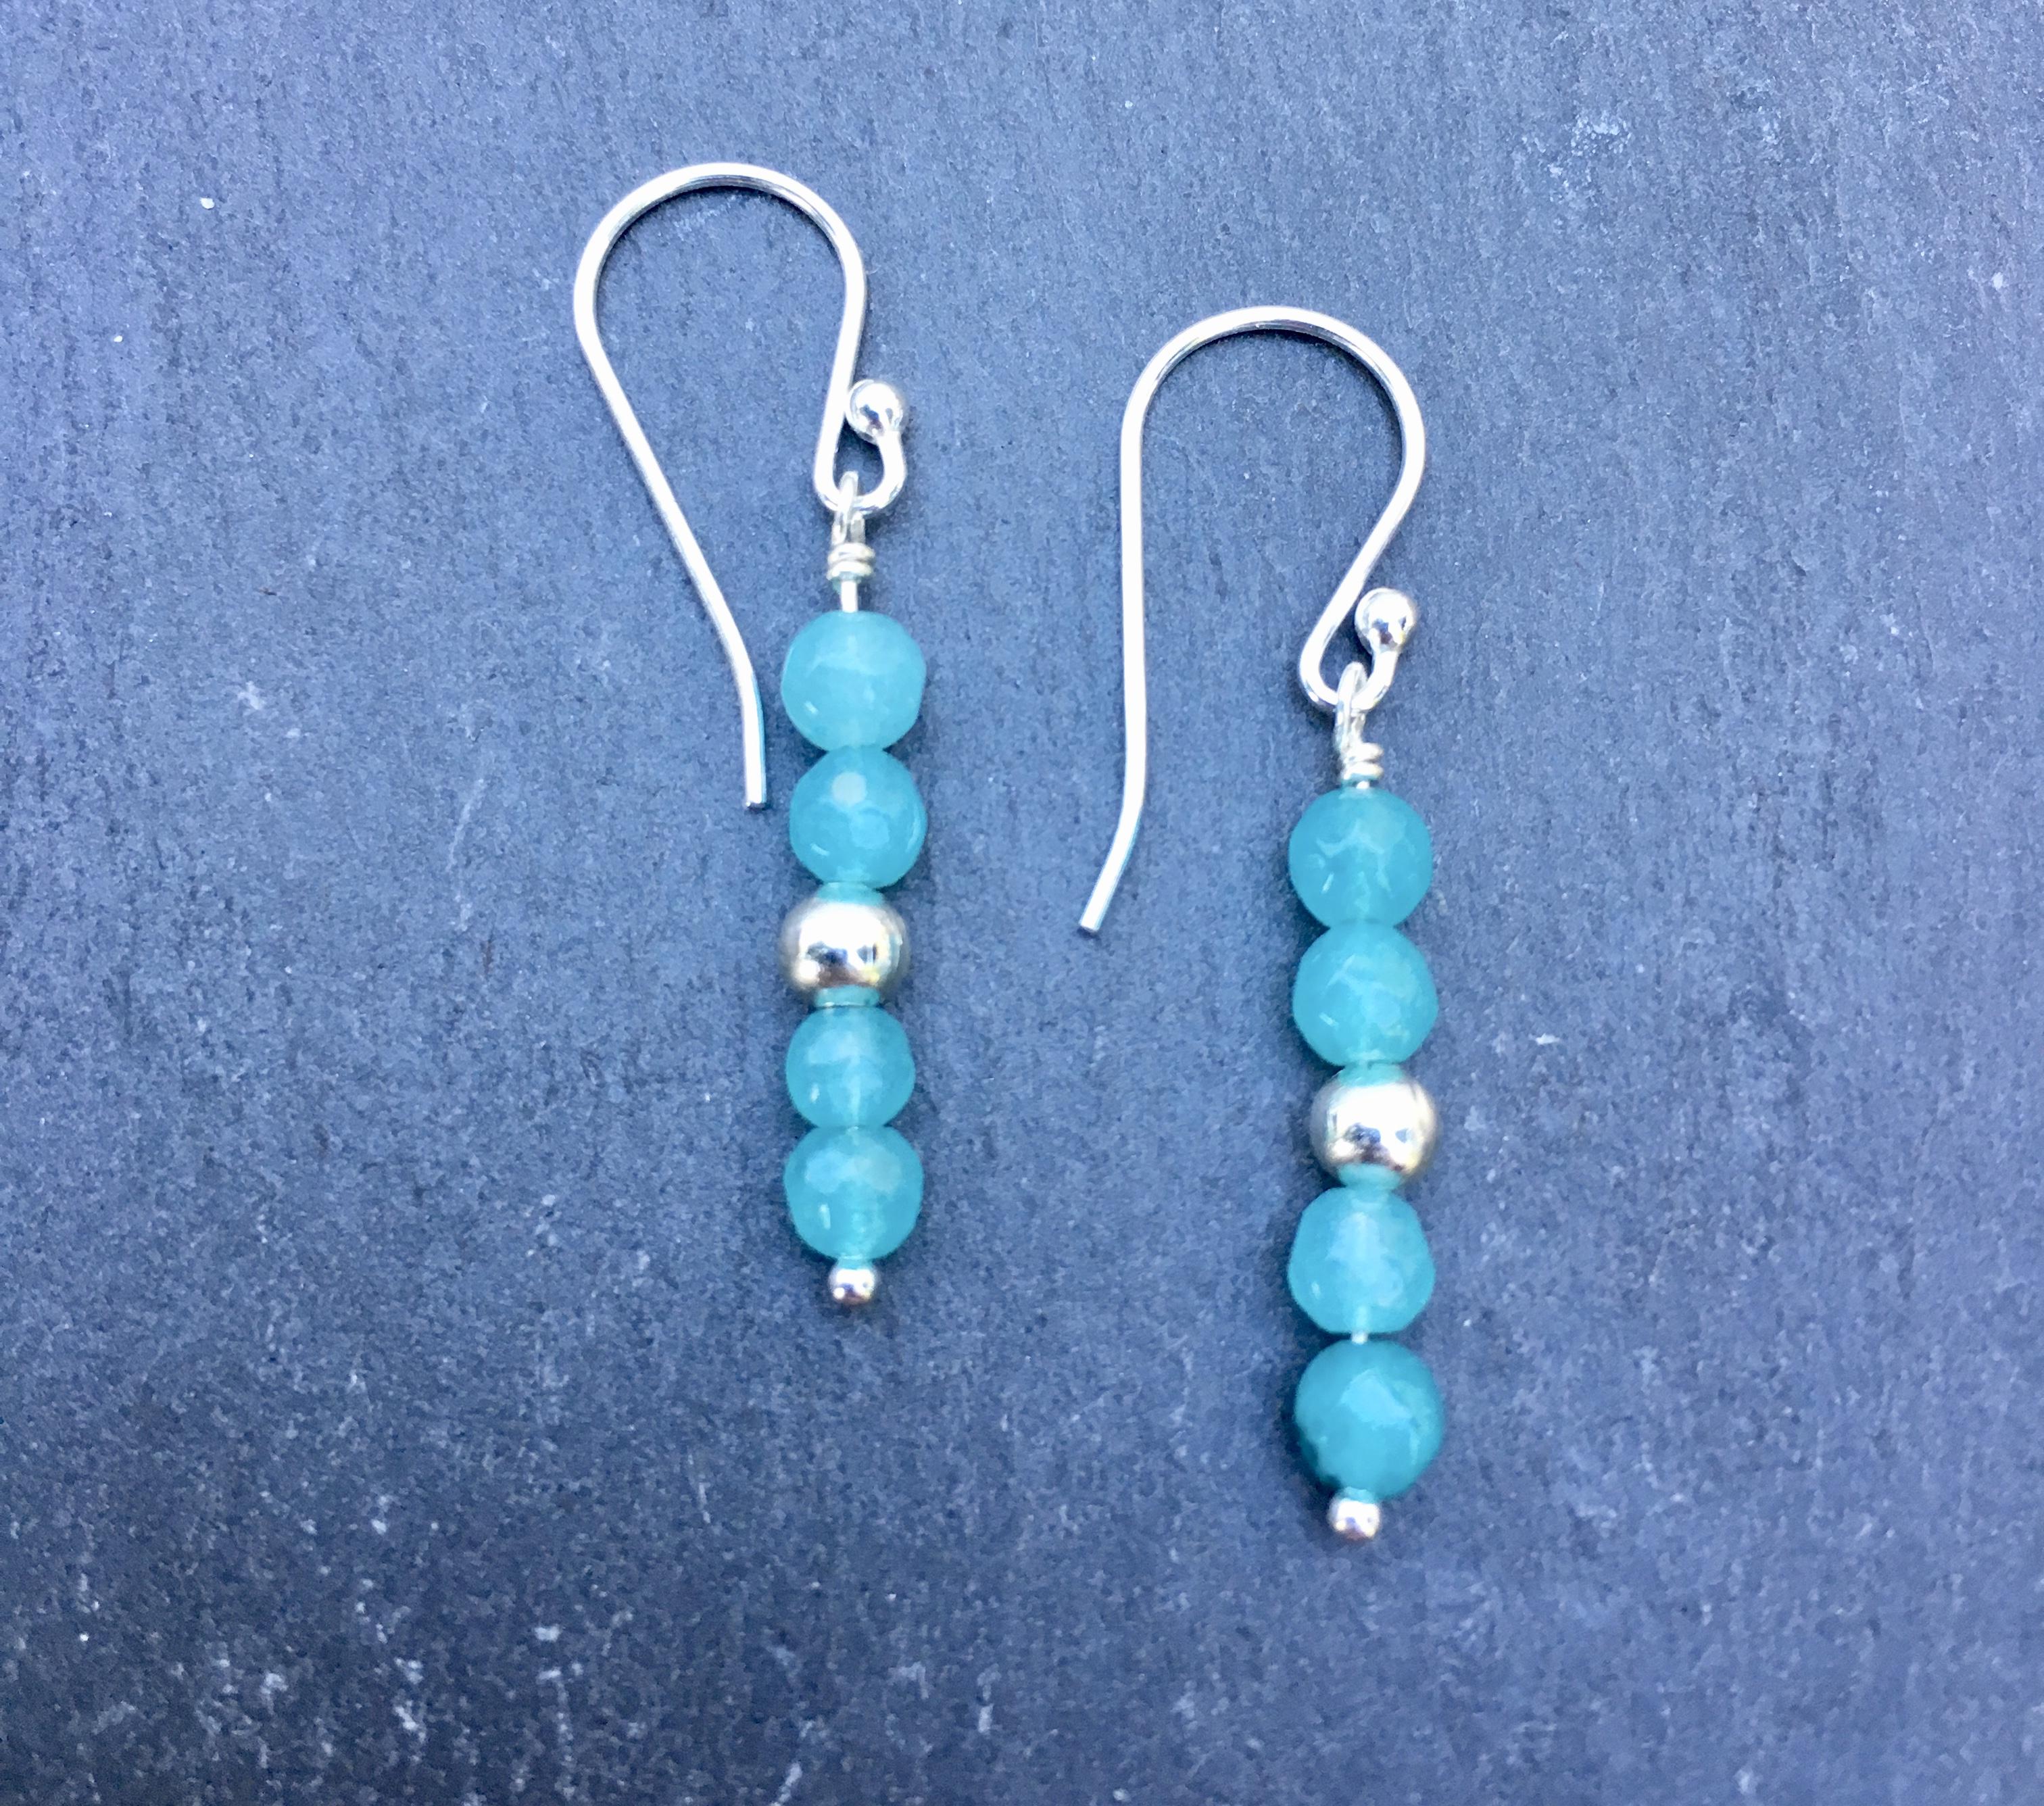 Aqua Blue Angelite Gemstone Sterling Silver Earrings